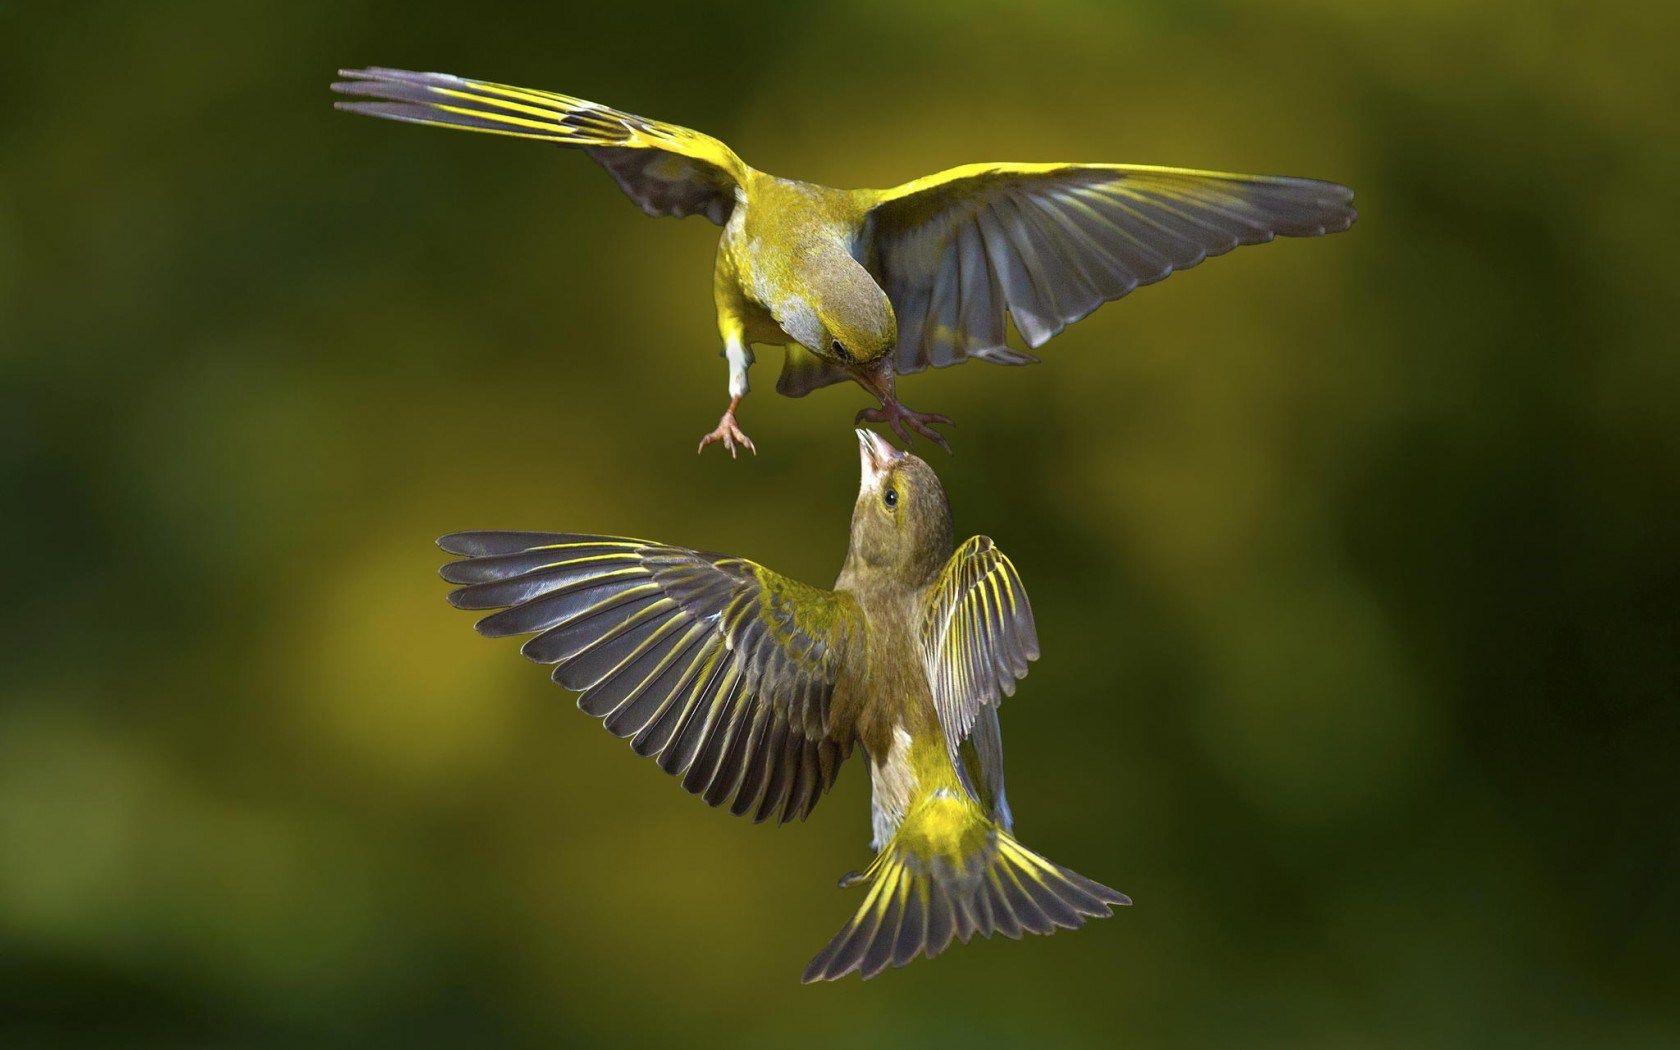 Птички в полете картинки